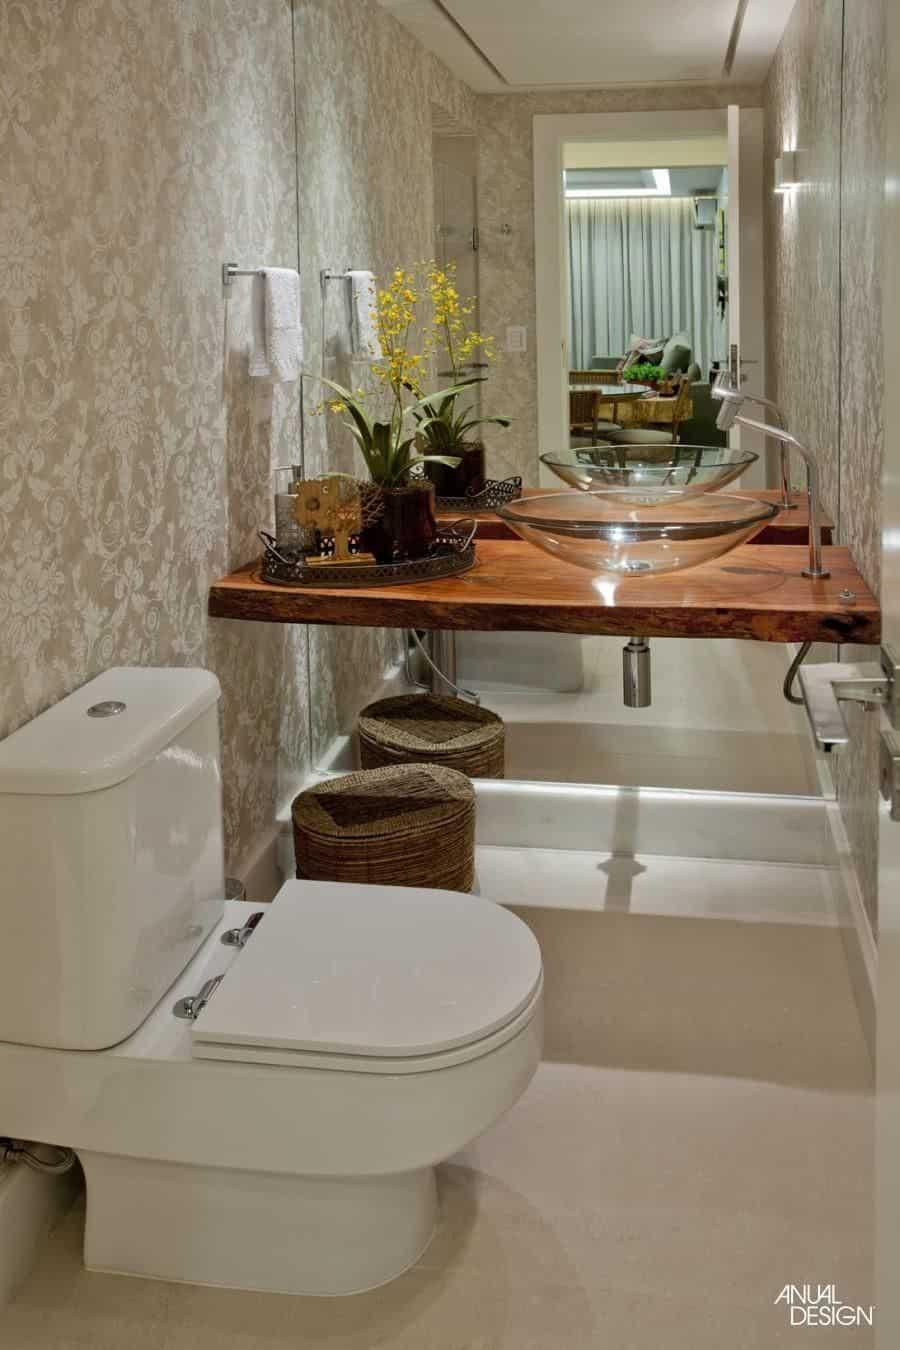 Tampo de madeira e cuba de vidro no lavabo